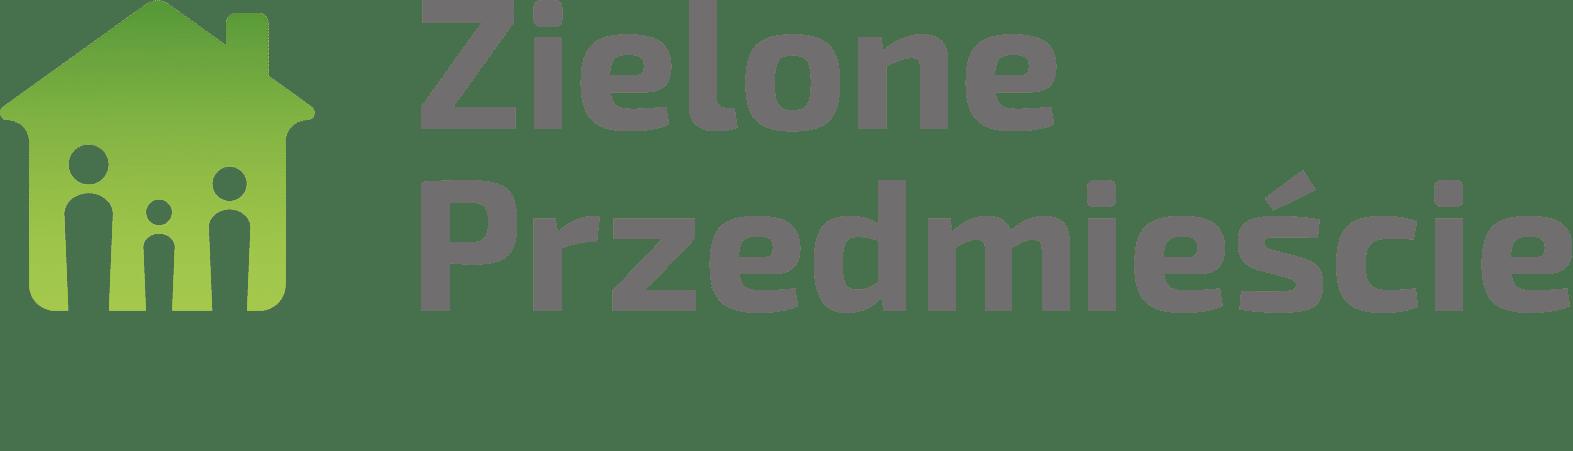 Poradnia Psychologiczna | Zielone-Przedmieście | Robert Dudek  | Zielonki | Kraków